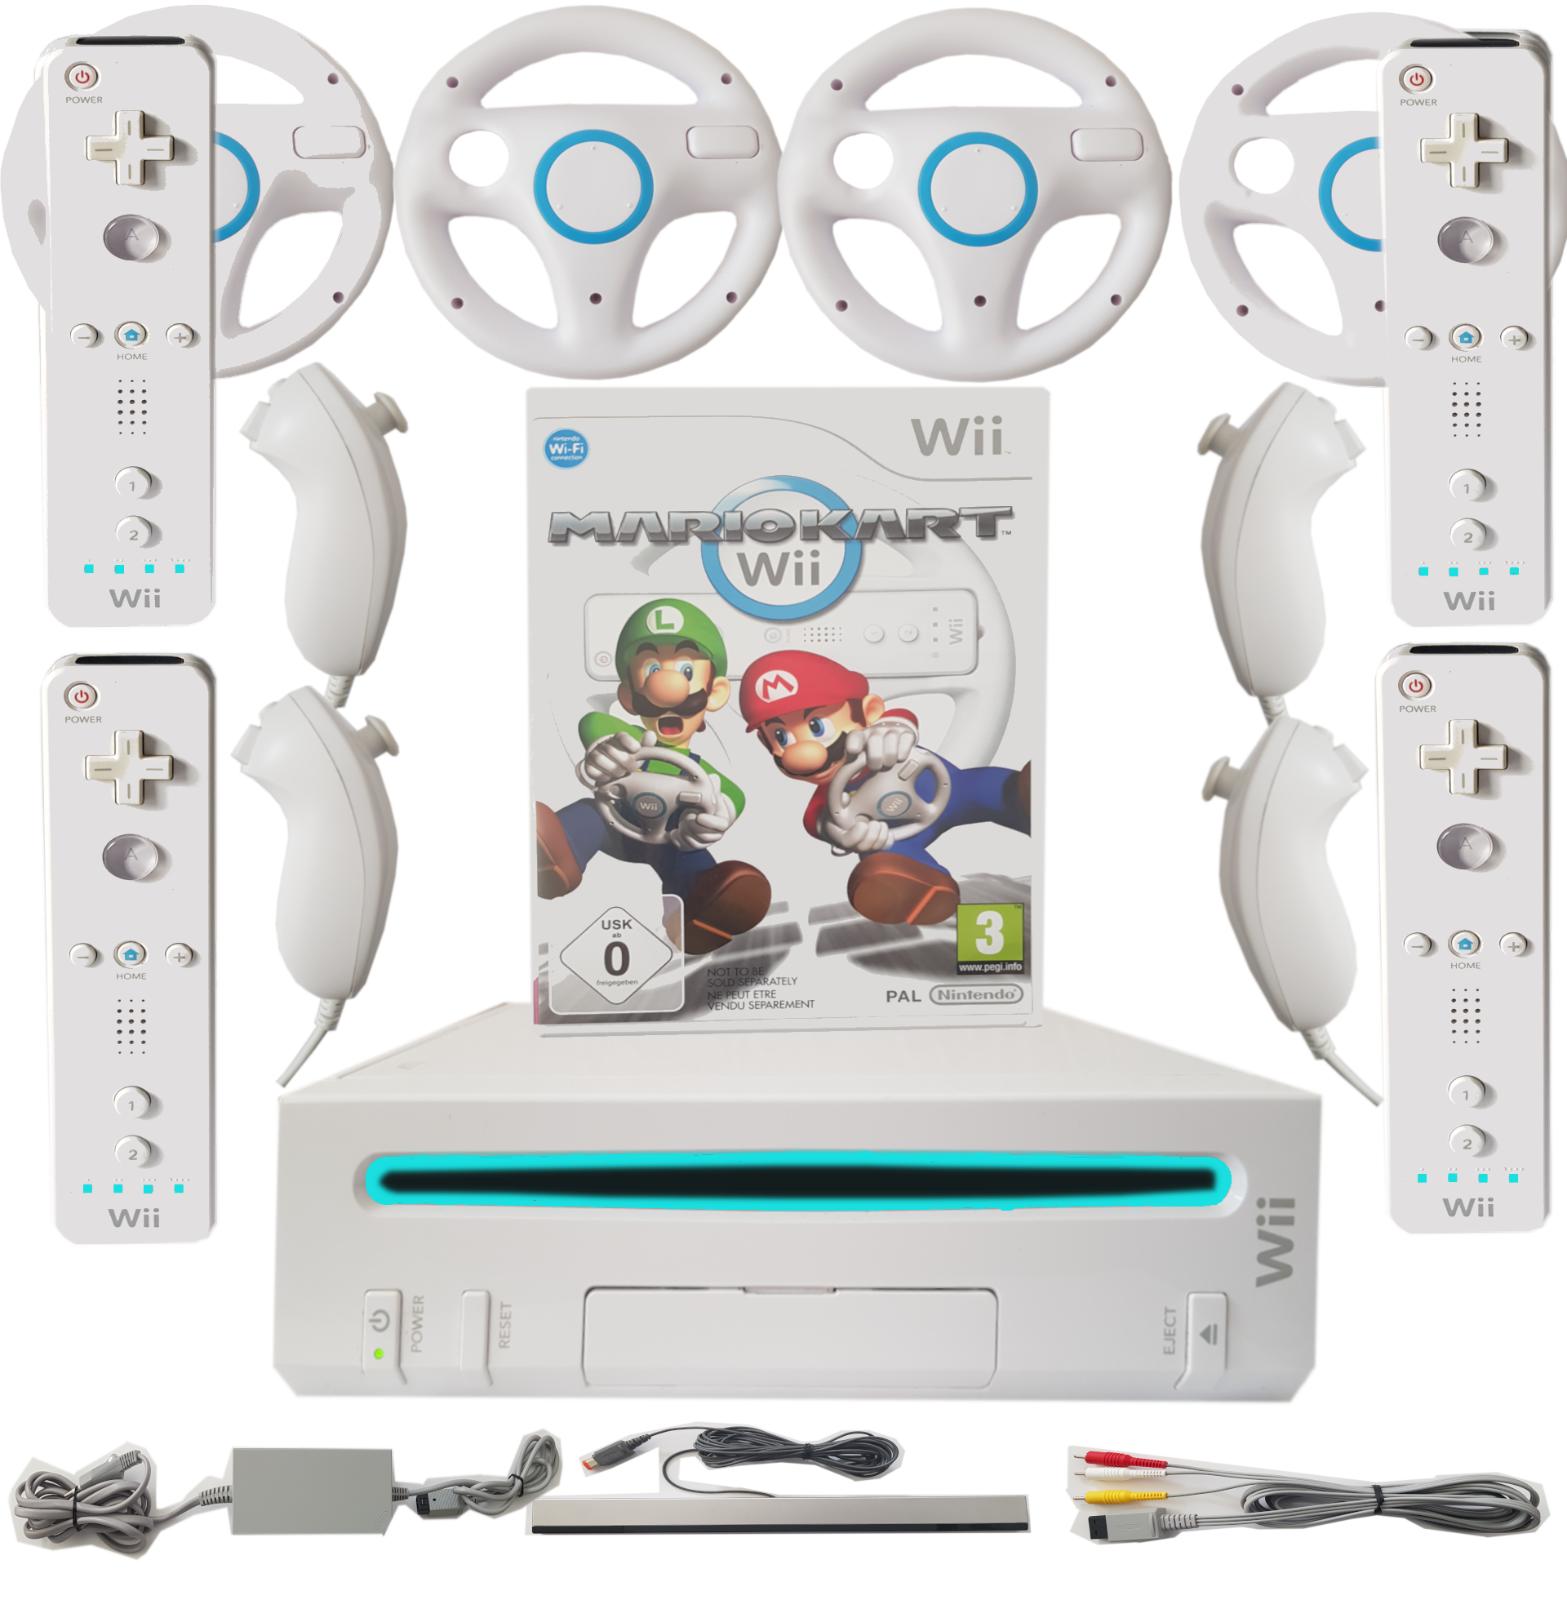 Nintendo Wii Set + Mario Kart, Wii Fit, Party Spiele + 1-4 Spieler Mega Auswahl!